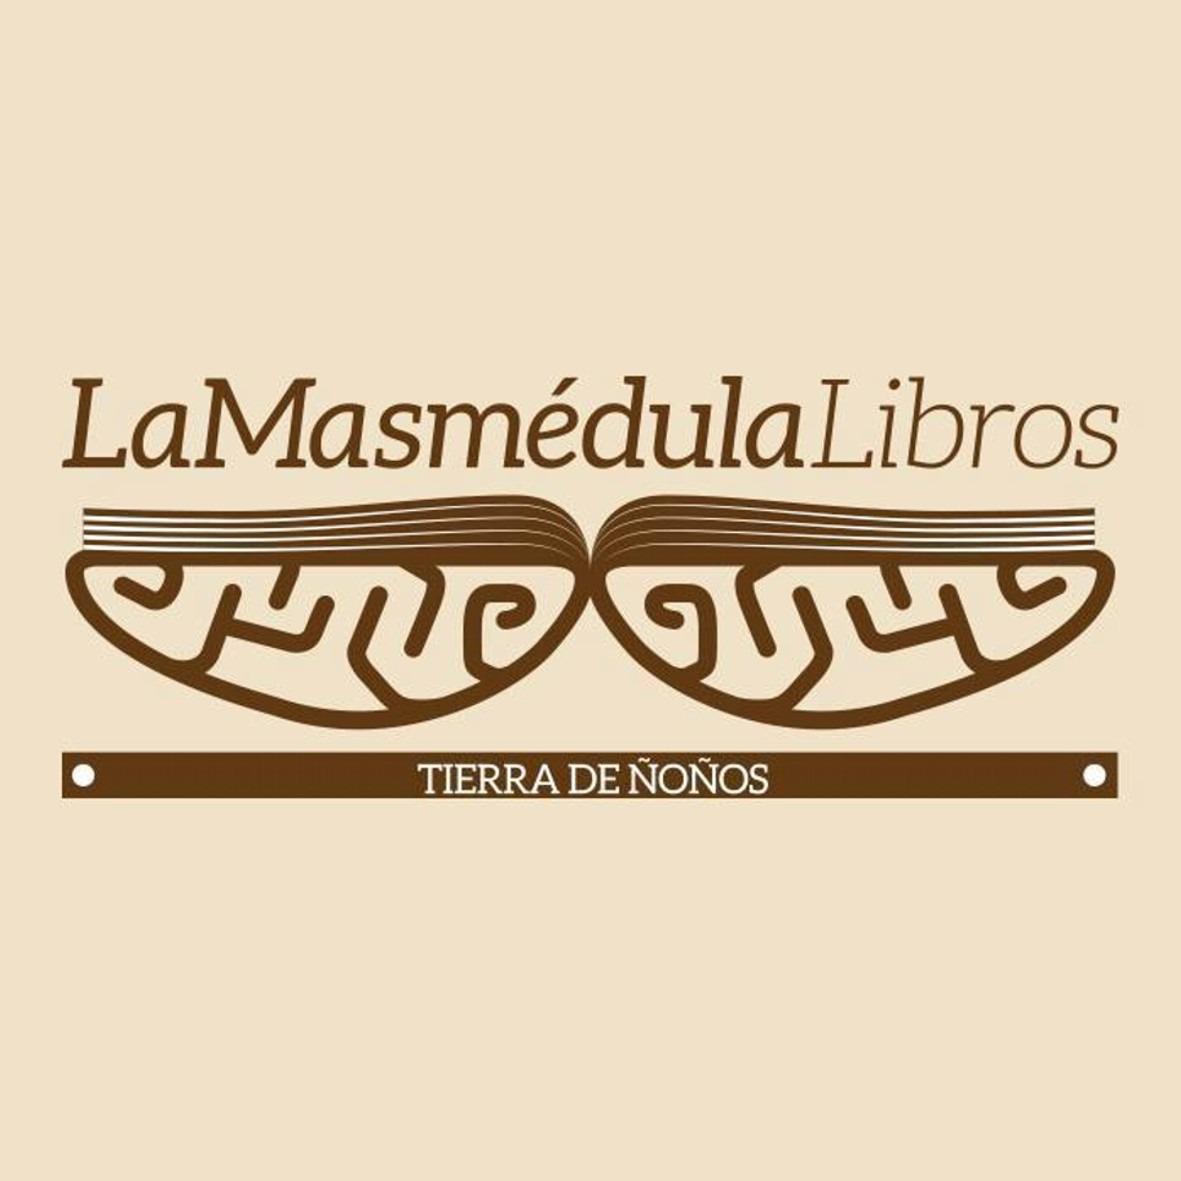 LAMASMEDULALIBROS